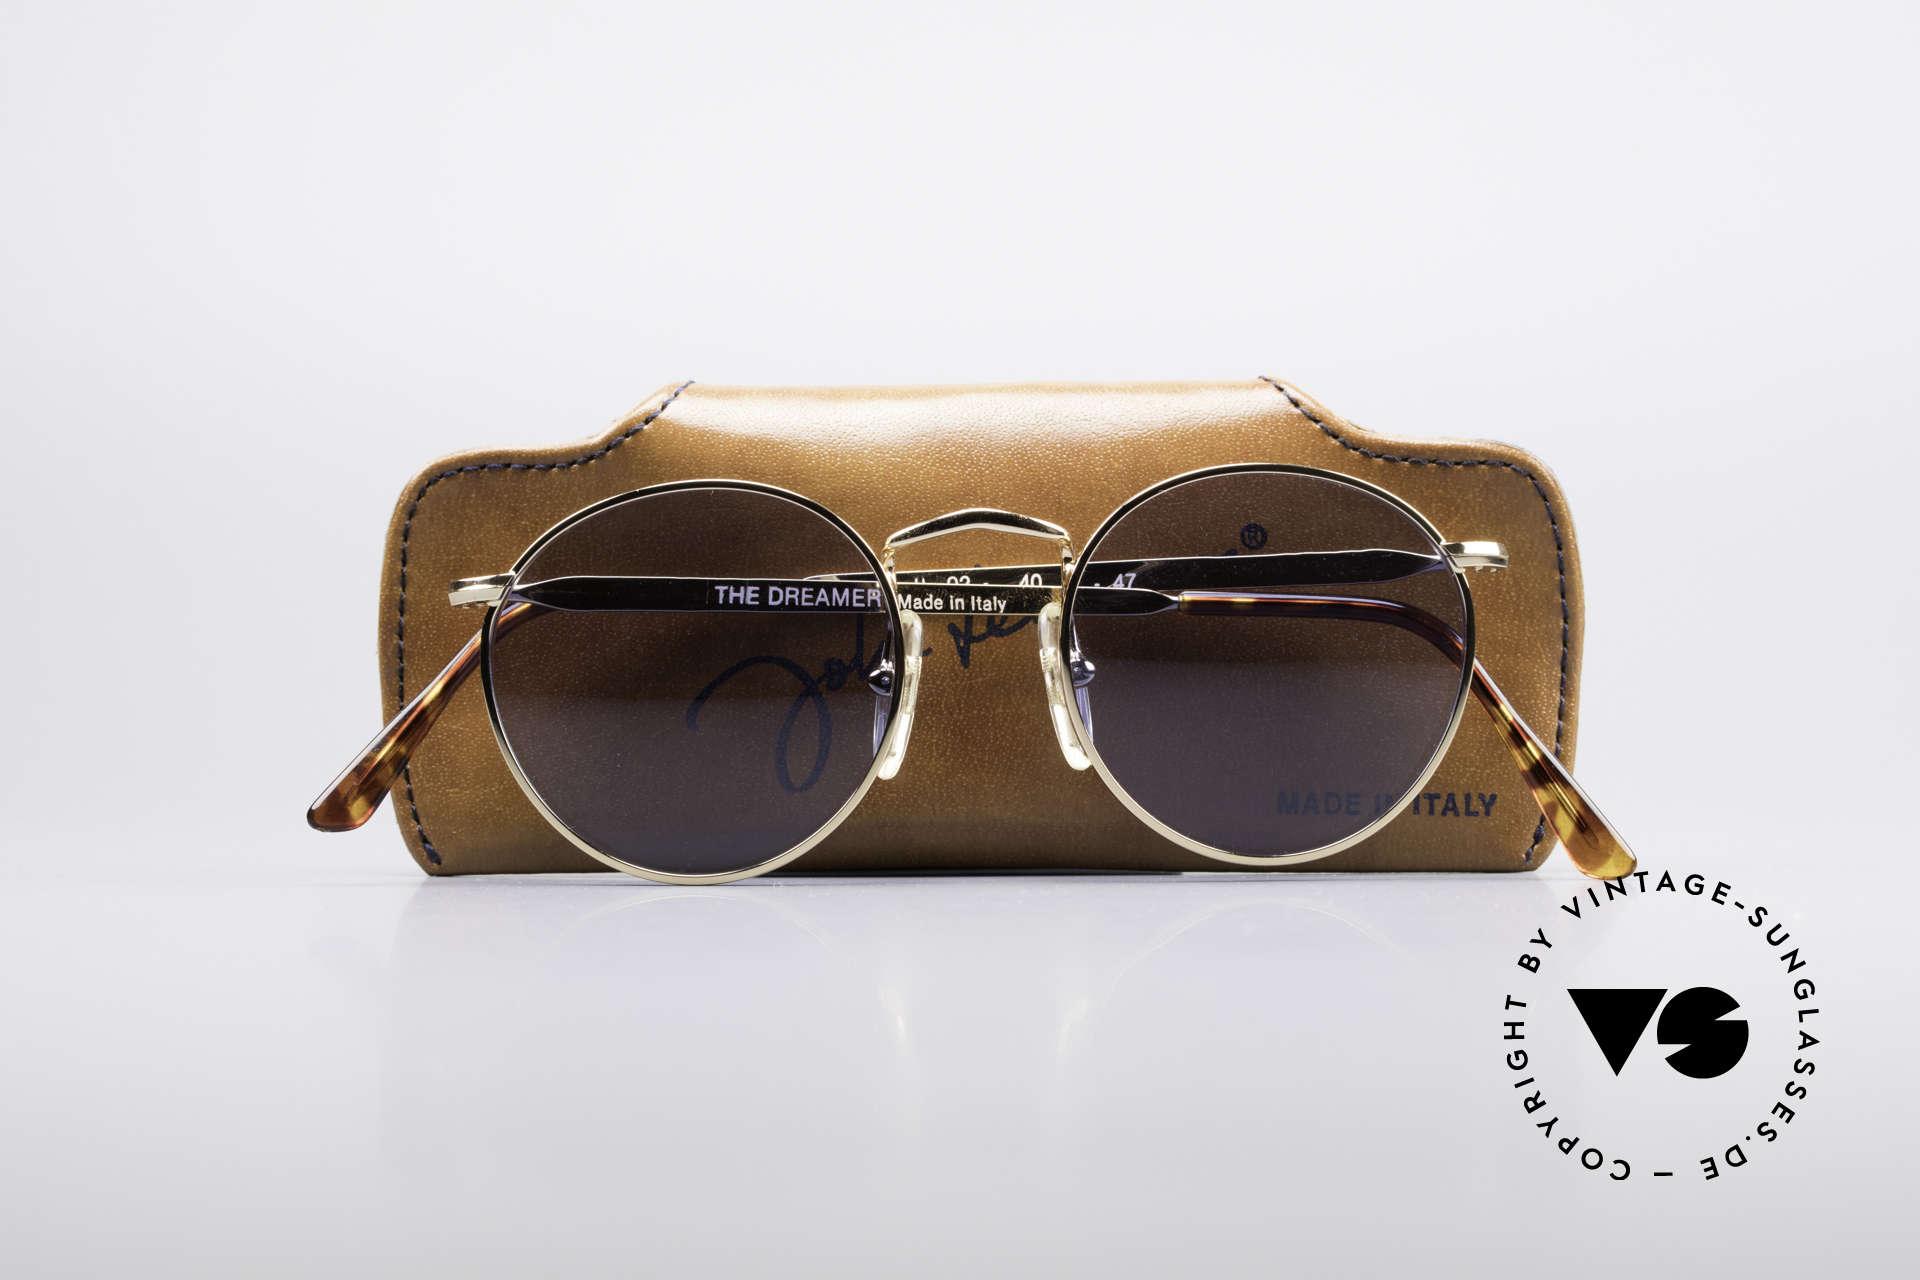 John Lennon - The Dreamer Sehr Kleine Vintage Brille, KEINE RetroSonnenbrille, sondern ein altes Original, Passend für Herren und Damen